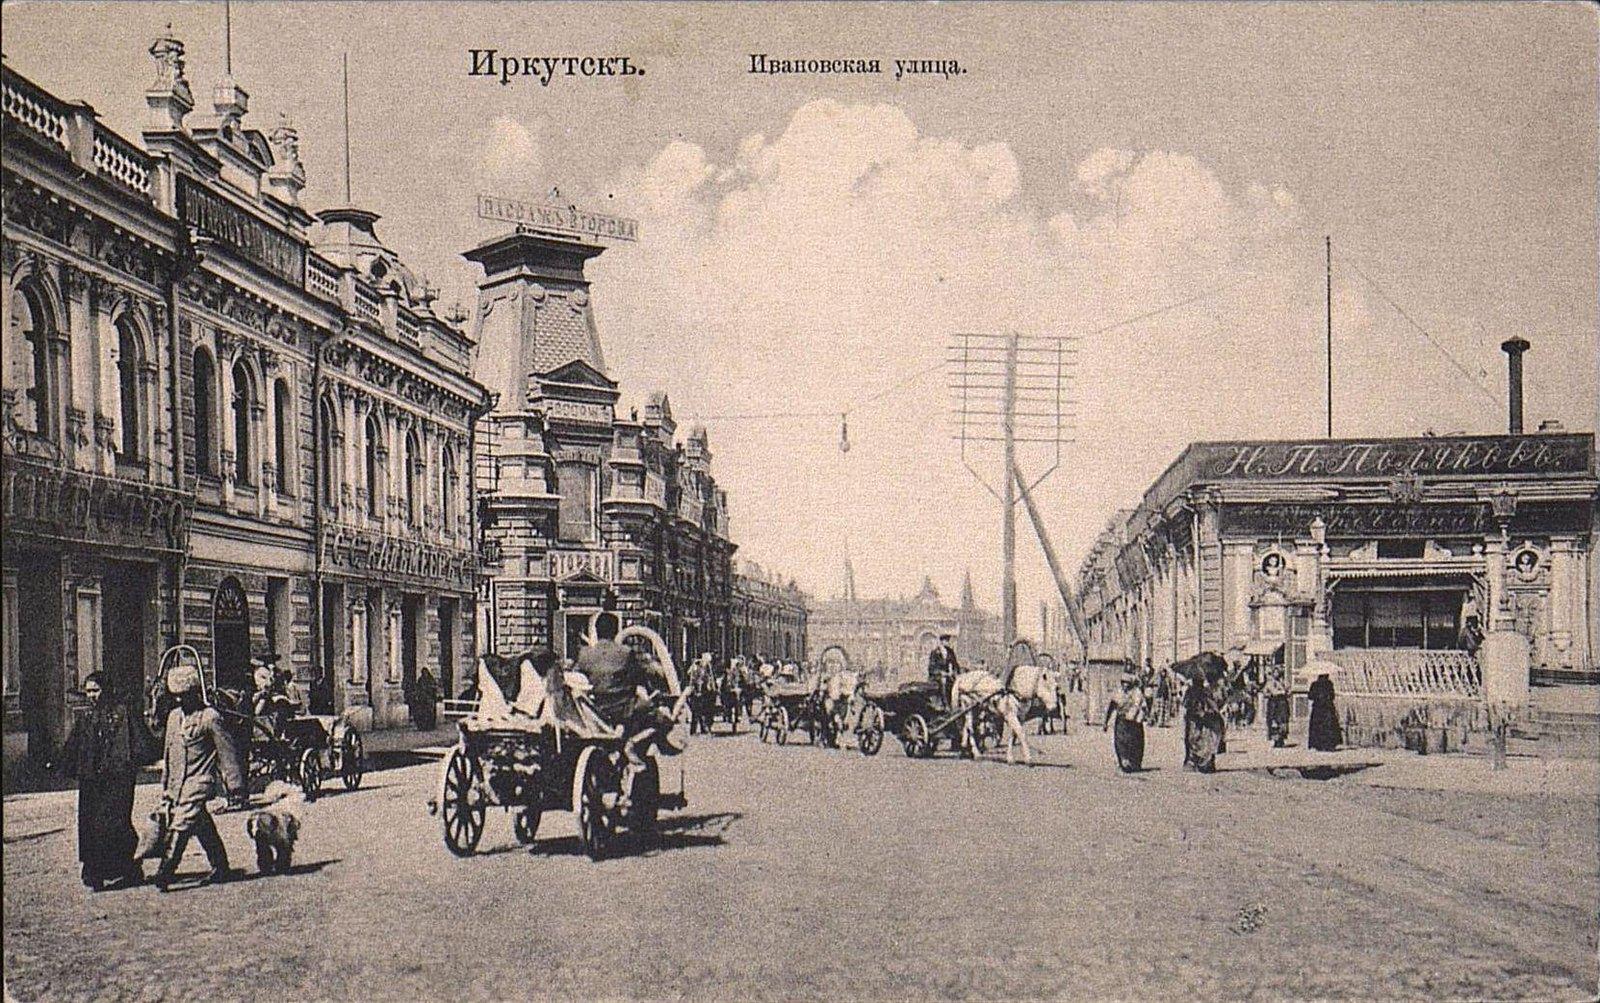 08. Ивановская улица